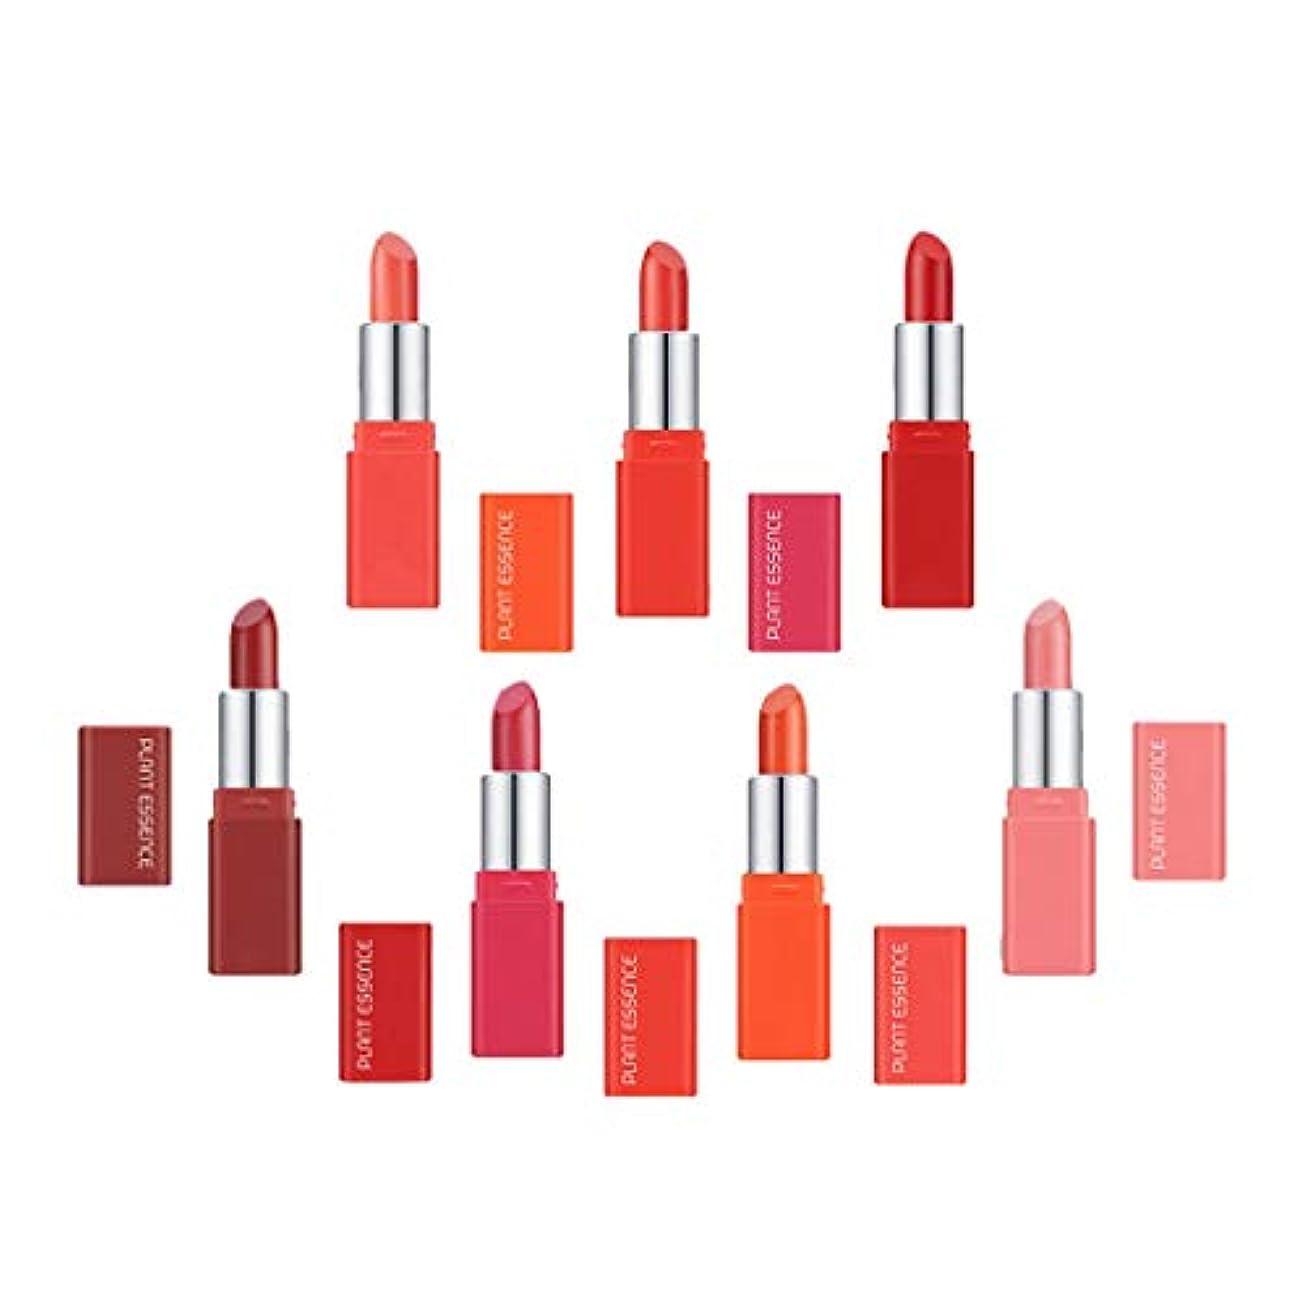 安定しました投票土器CUTICATE リップライナー セット 口紅 赤 リップグロス シャイニーピンク メイクアップ 唇メイク 用品 7色セット